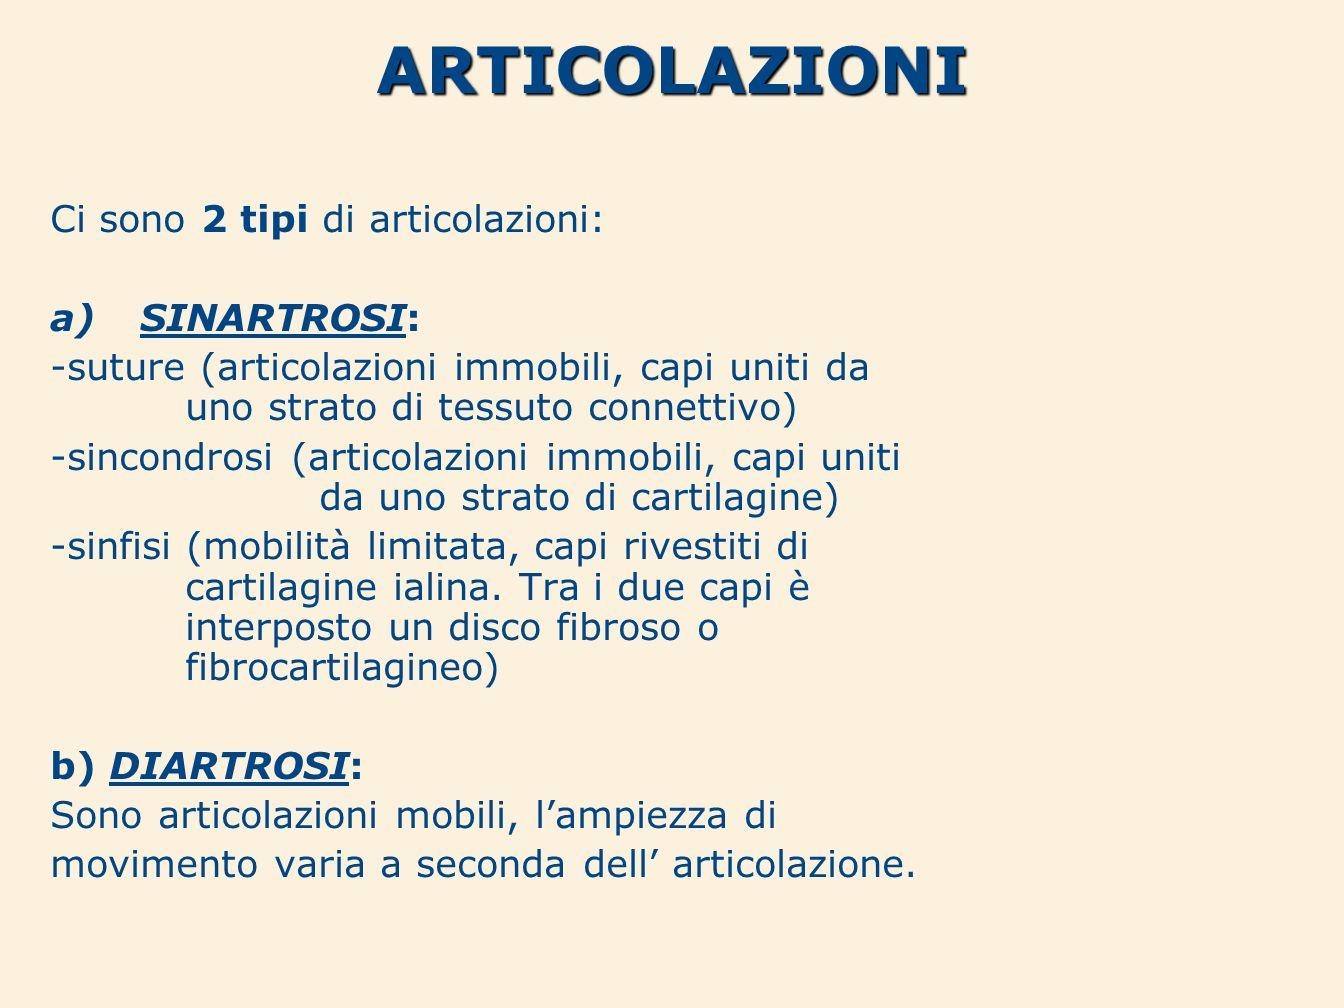 ARTICOLAZIONI Ci sono 2 tipi di articolazioni: SINARTROSI: